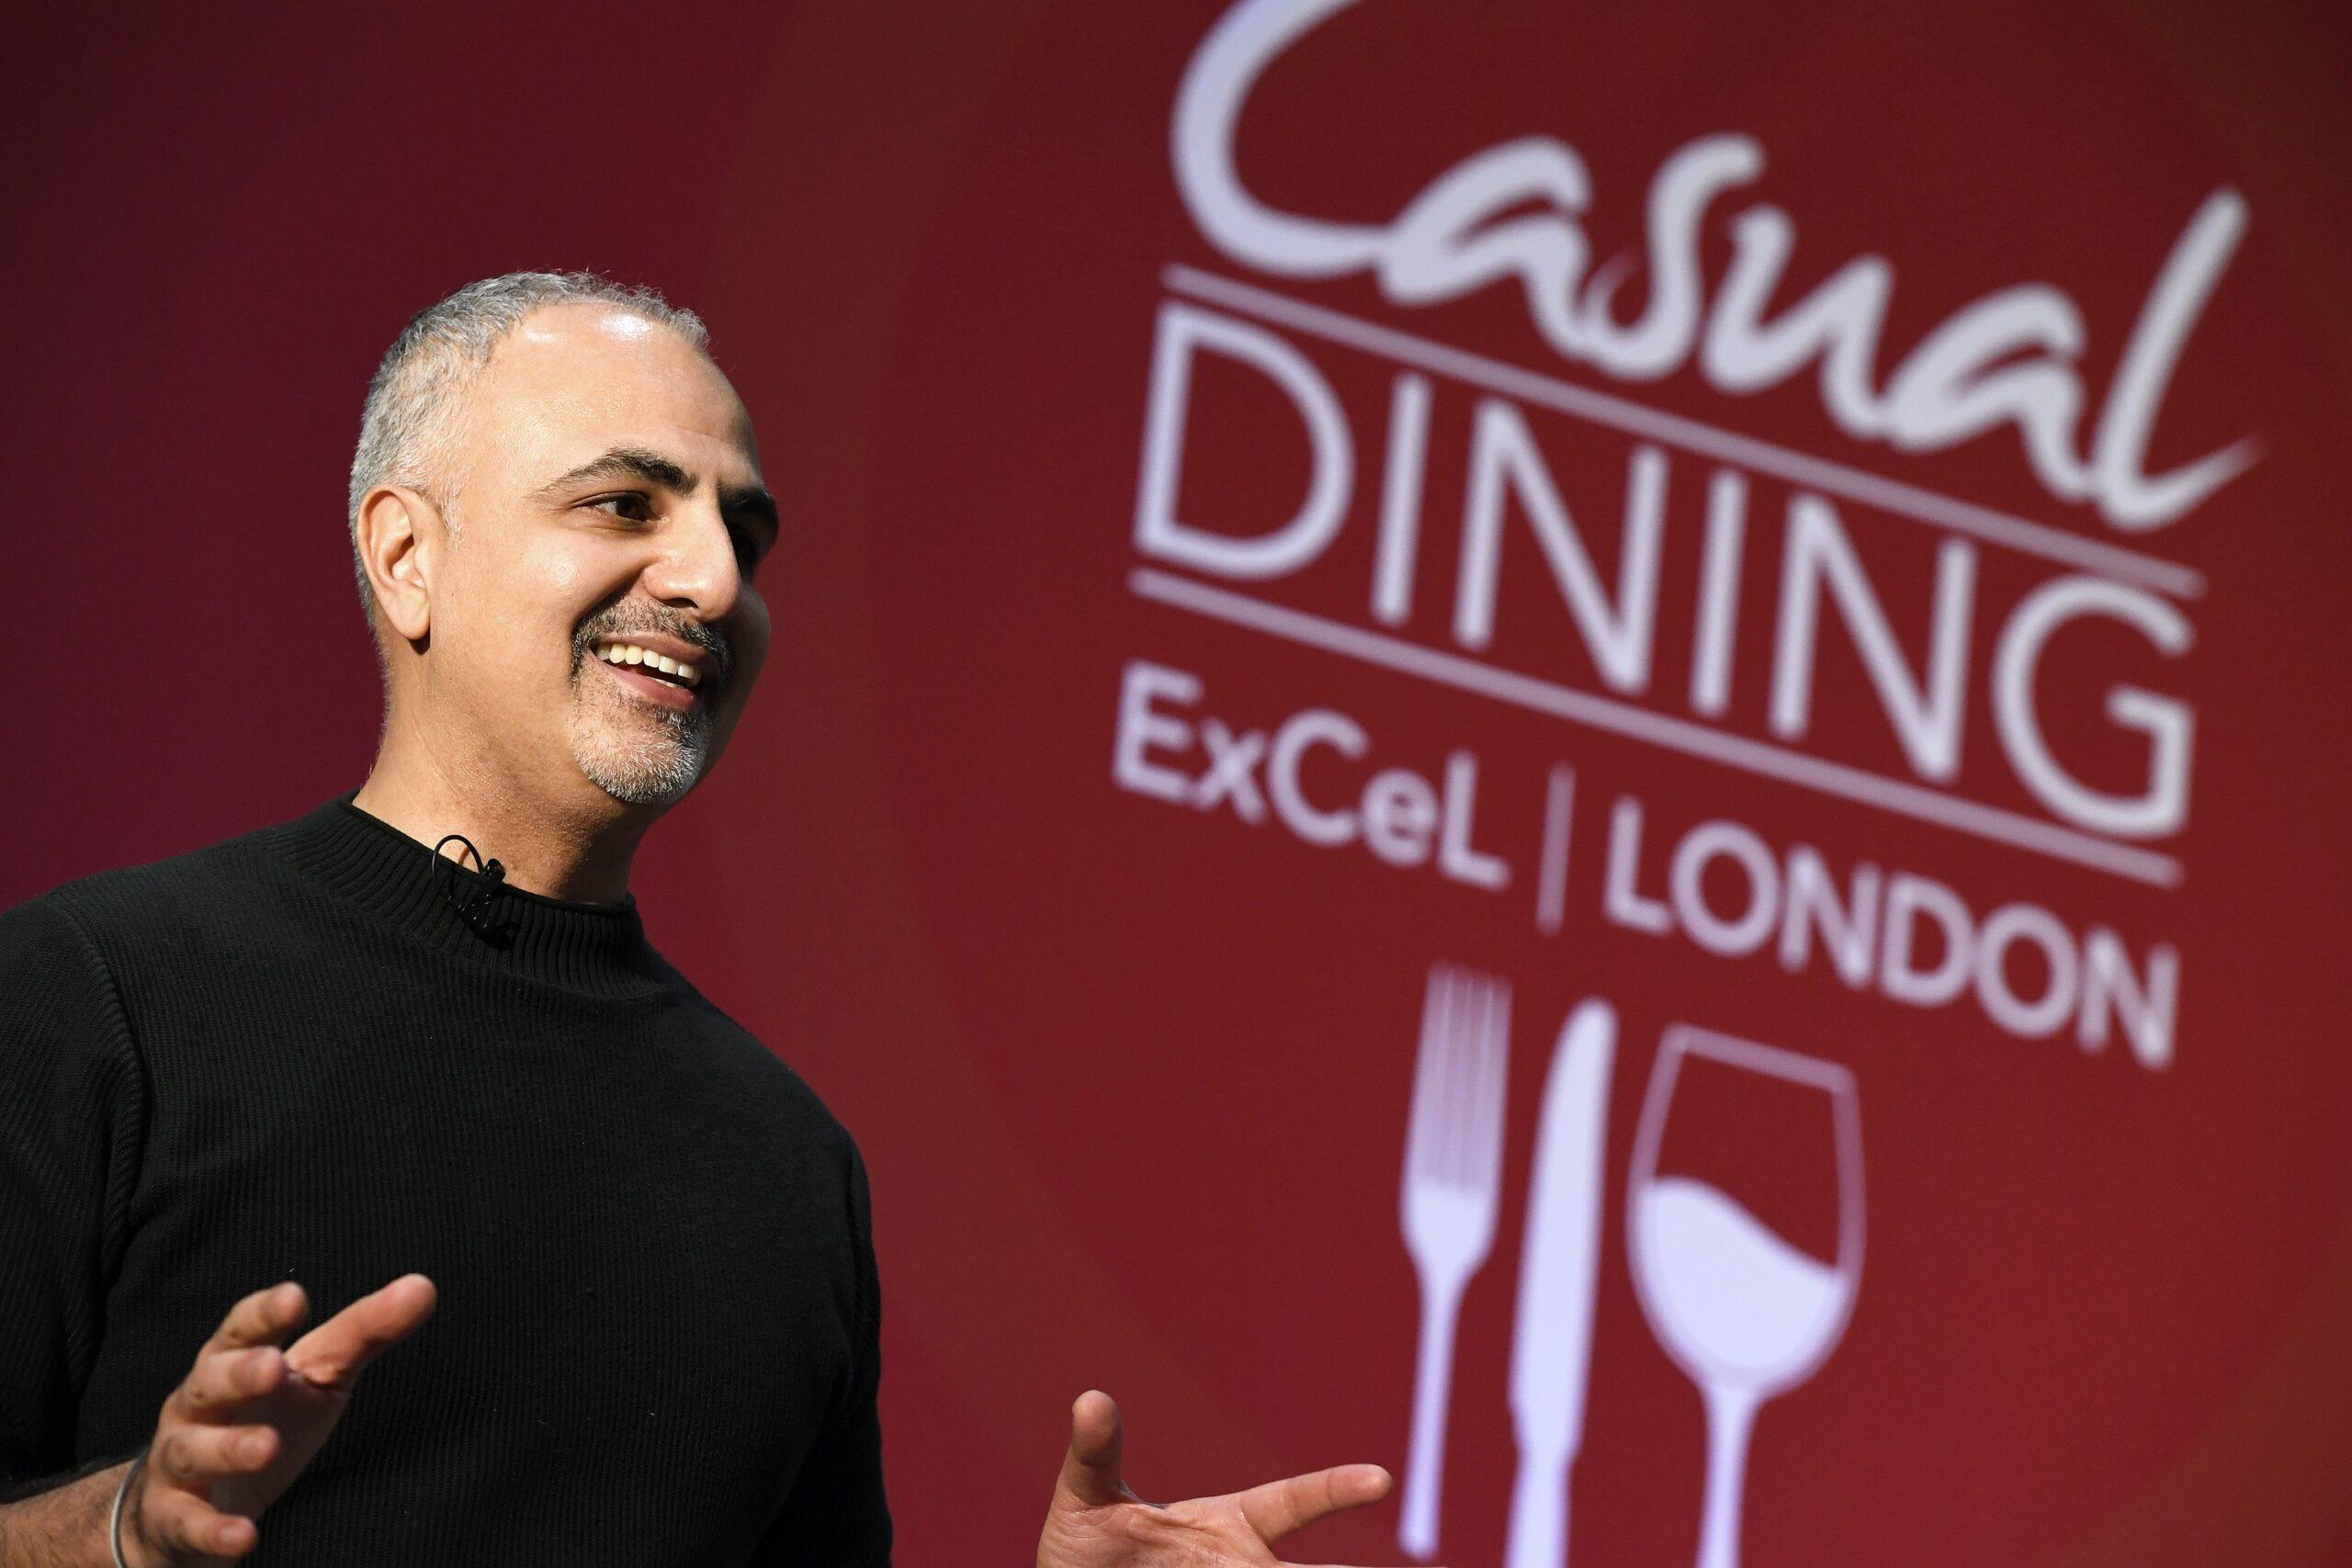 Vito exhibiting at casual dining 2021